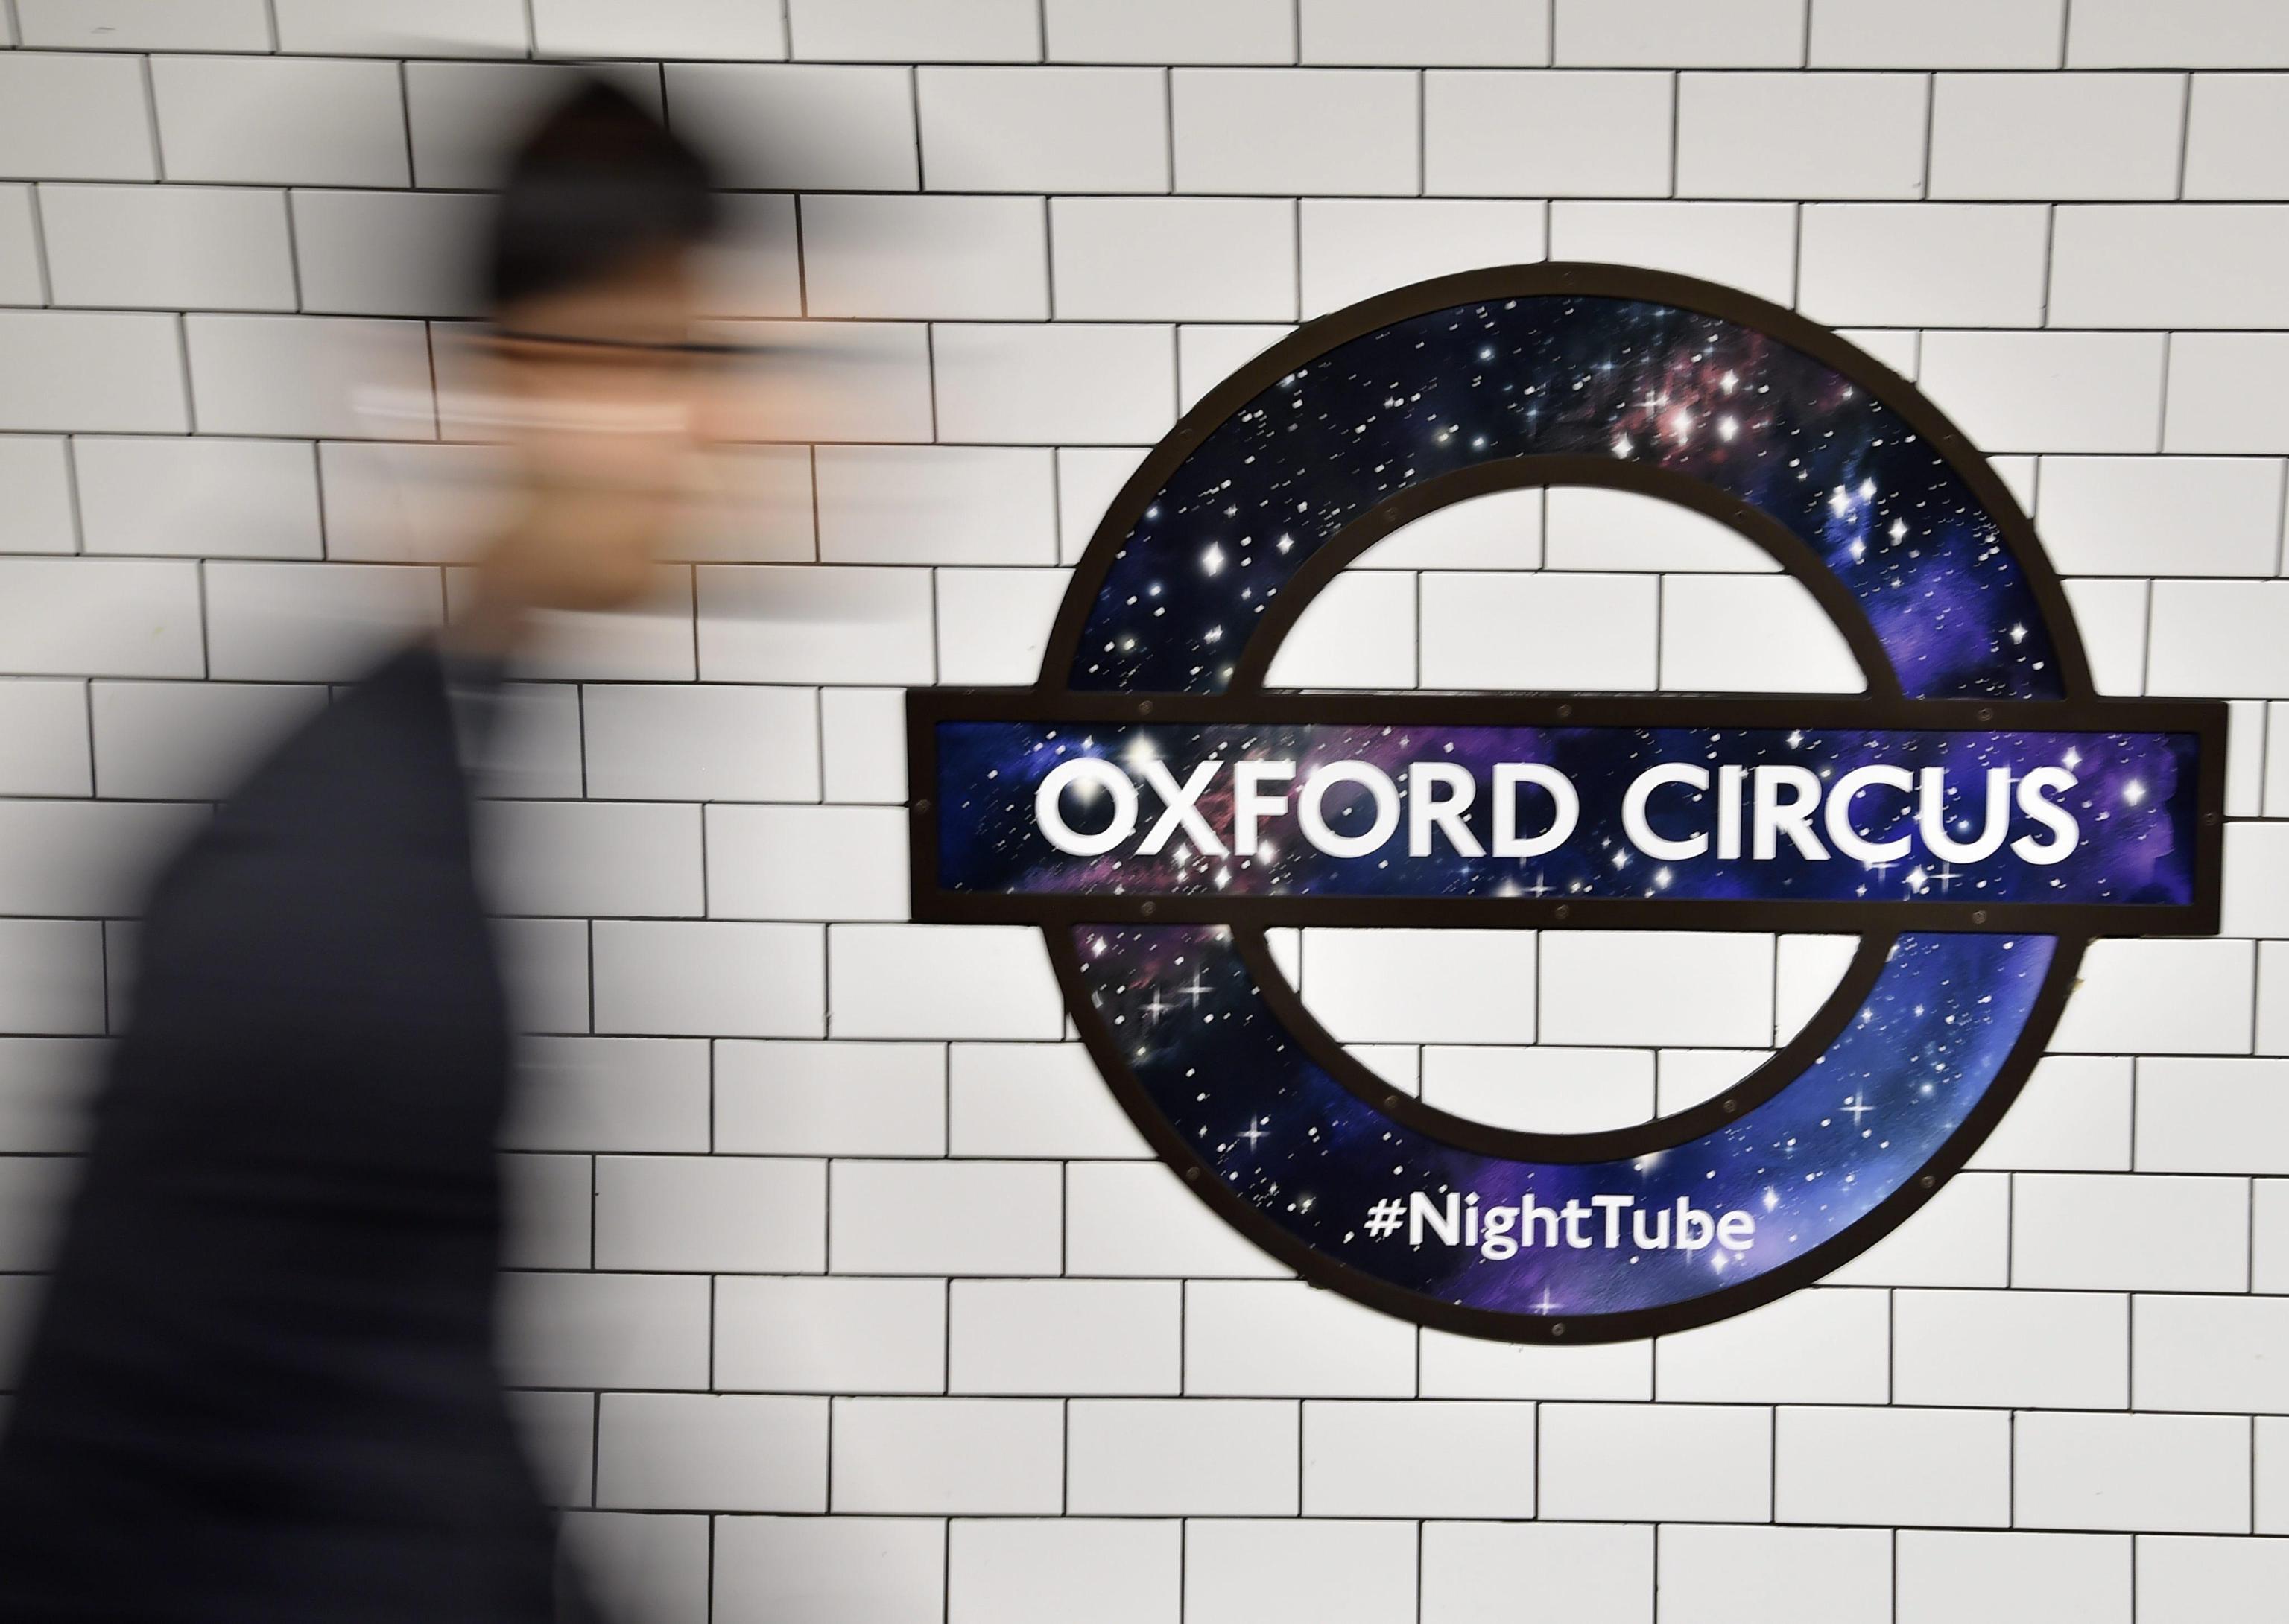 Londra, evacuata la stazione di Oxford Circus: allerta rientrata. 'Falso allarme'